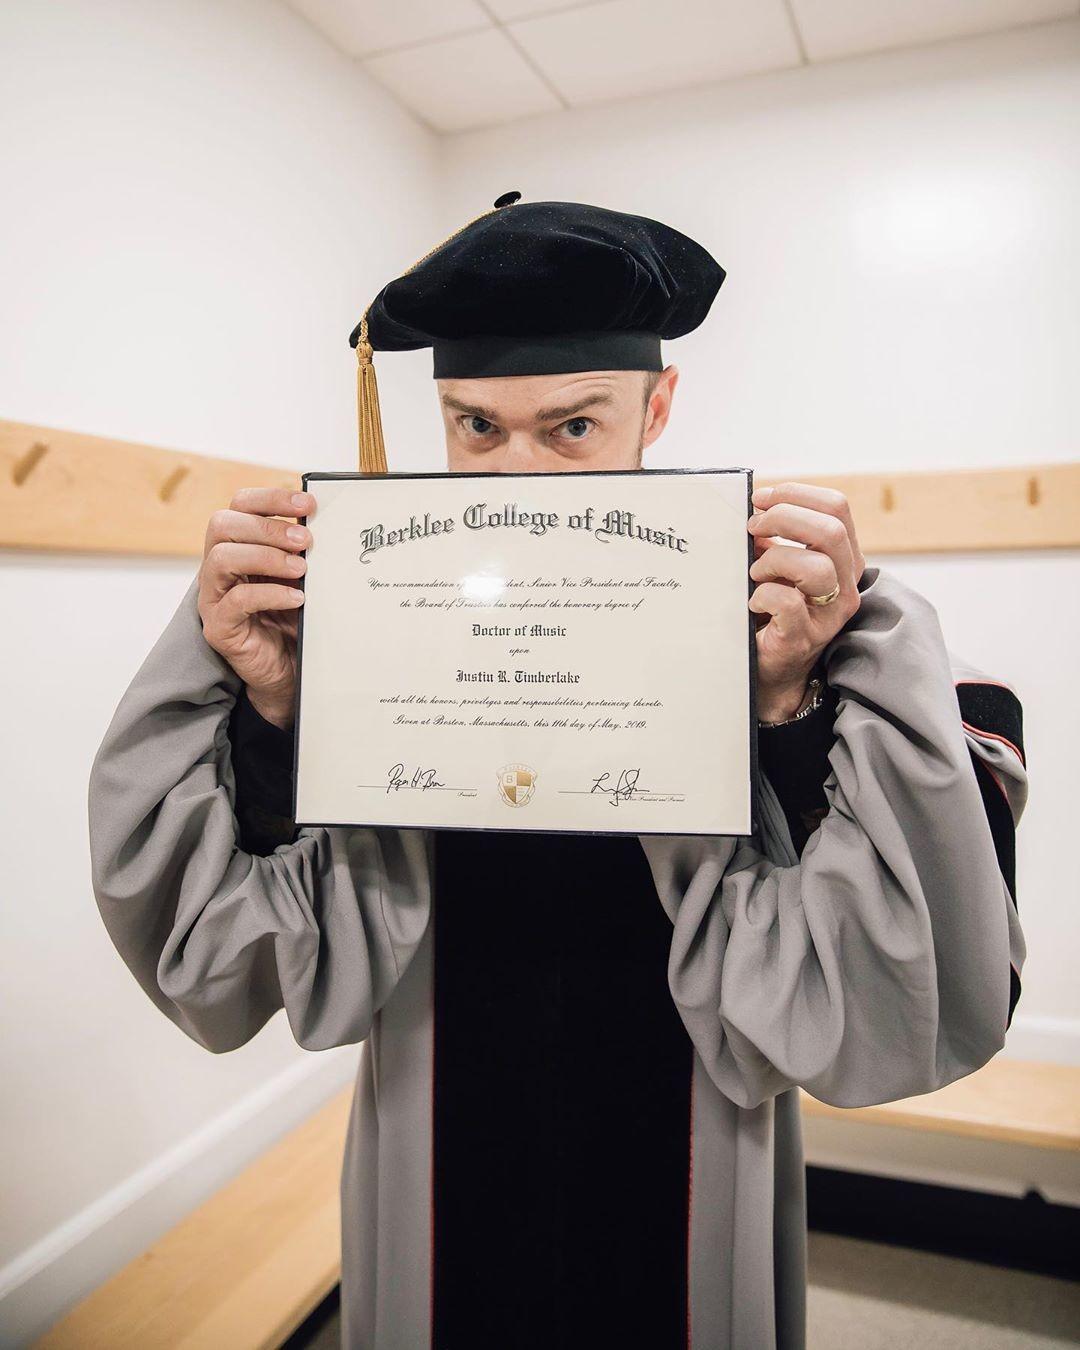 Тепер доктор: Джастін Тімберлейк отримав академічну ступінь